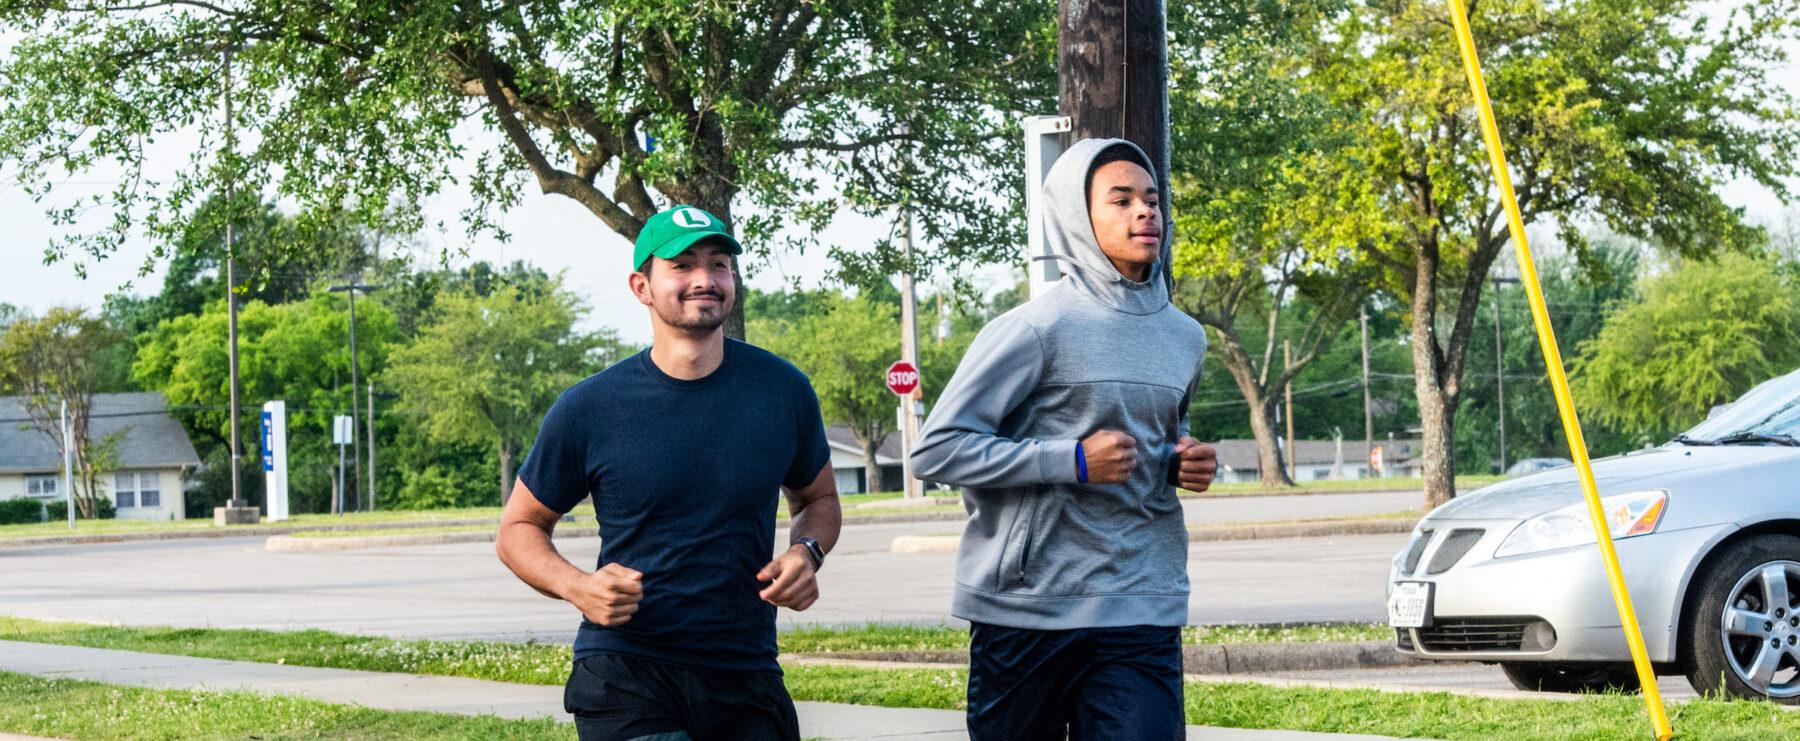 Two men running at Dan Jones 5k and fun run